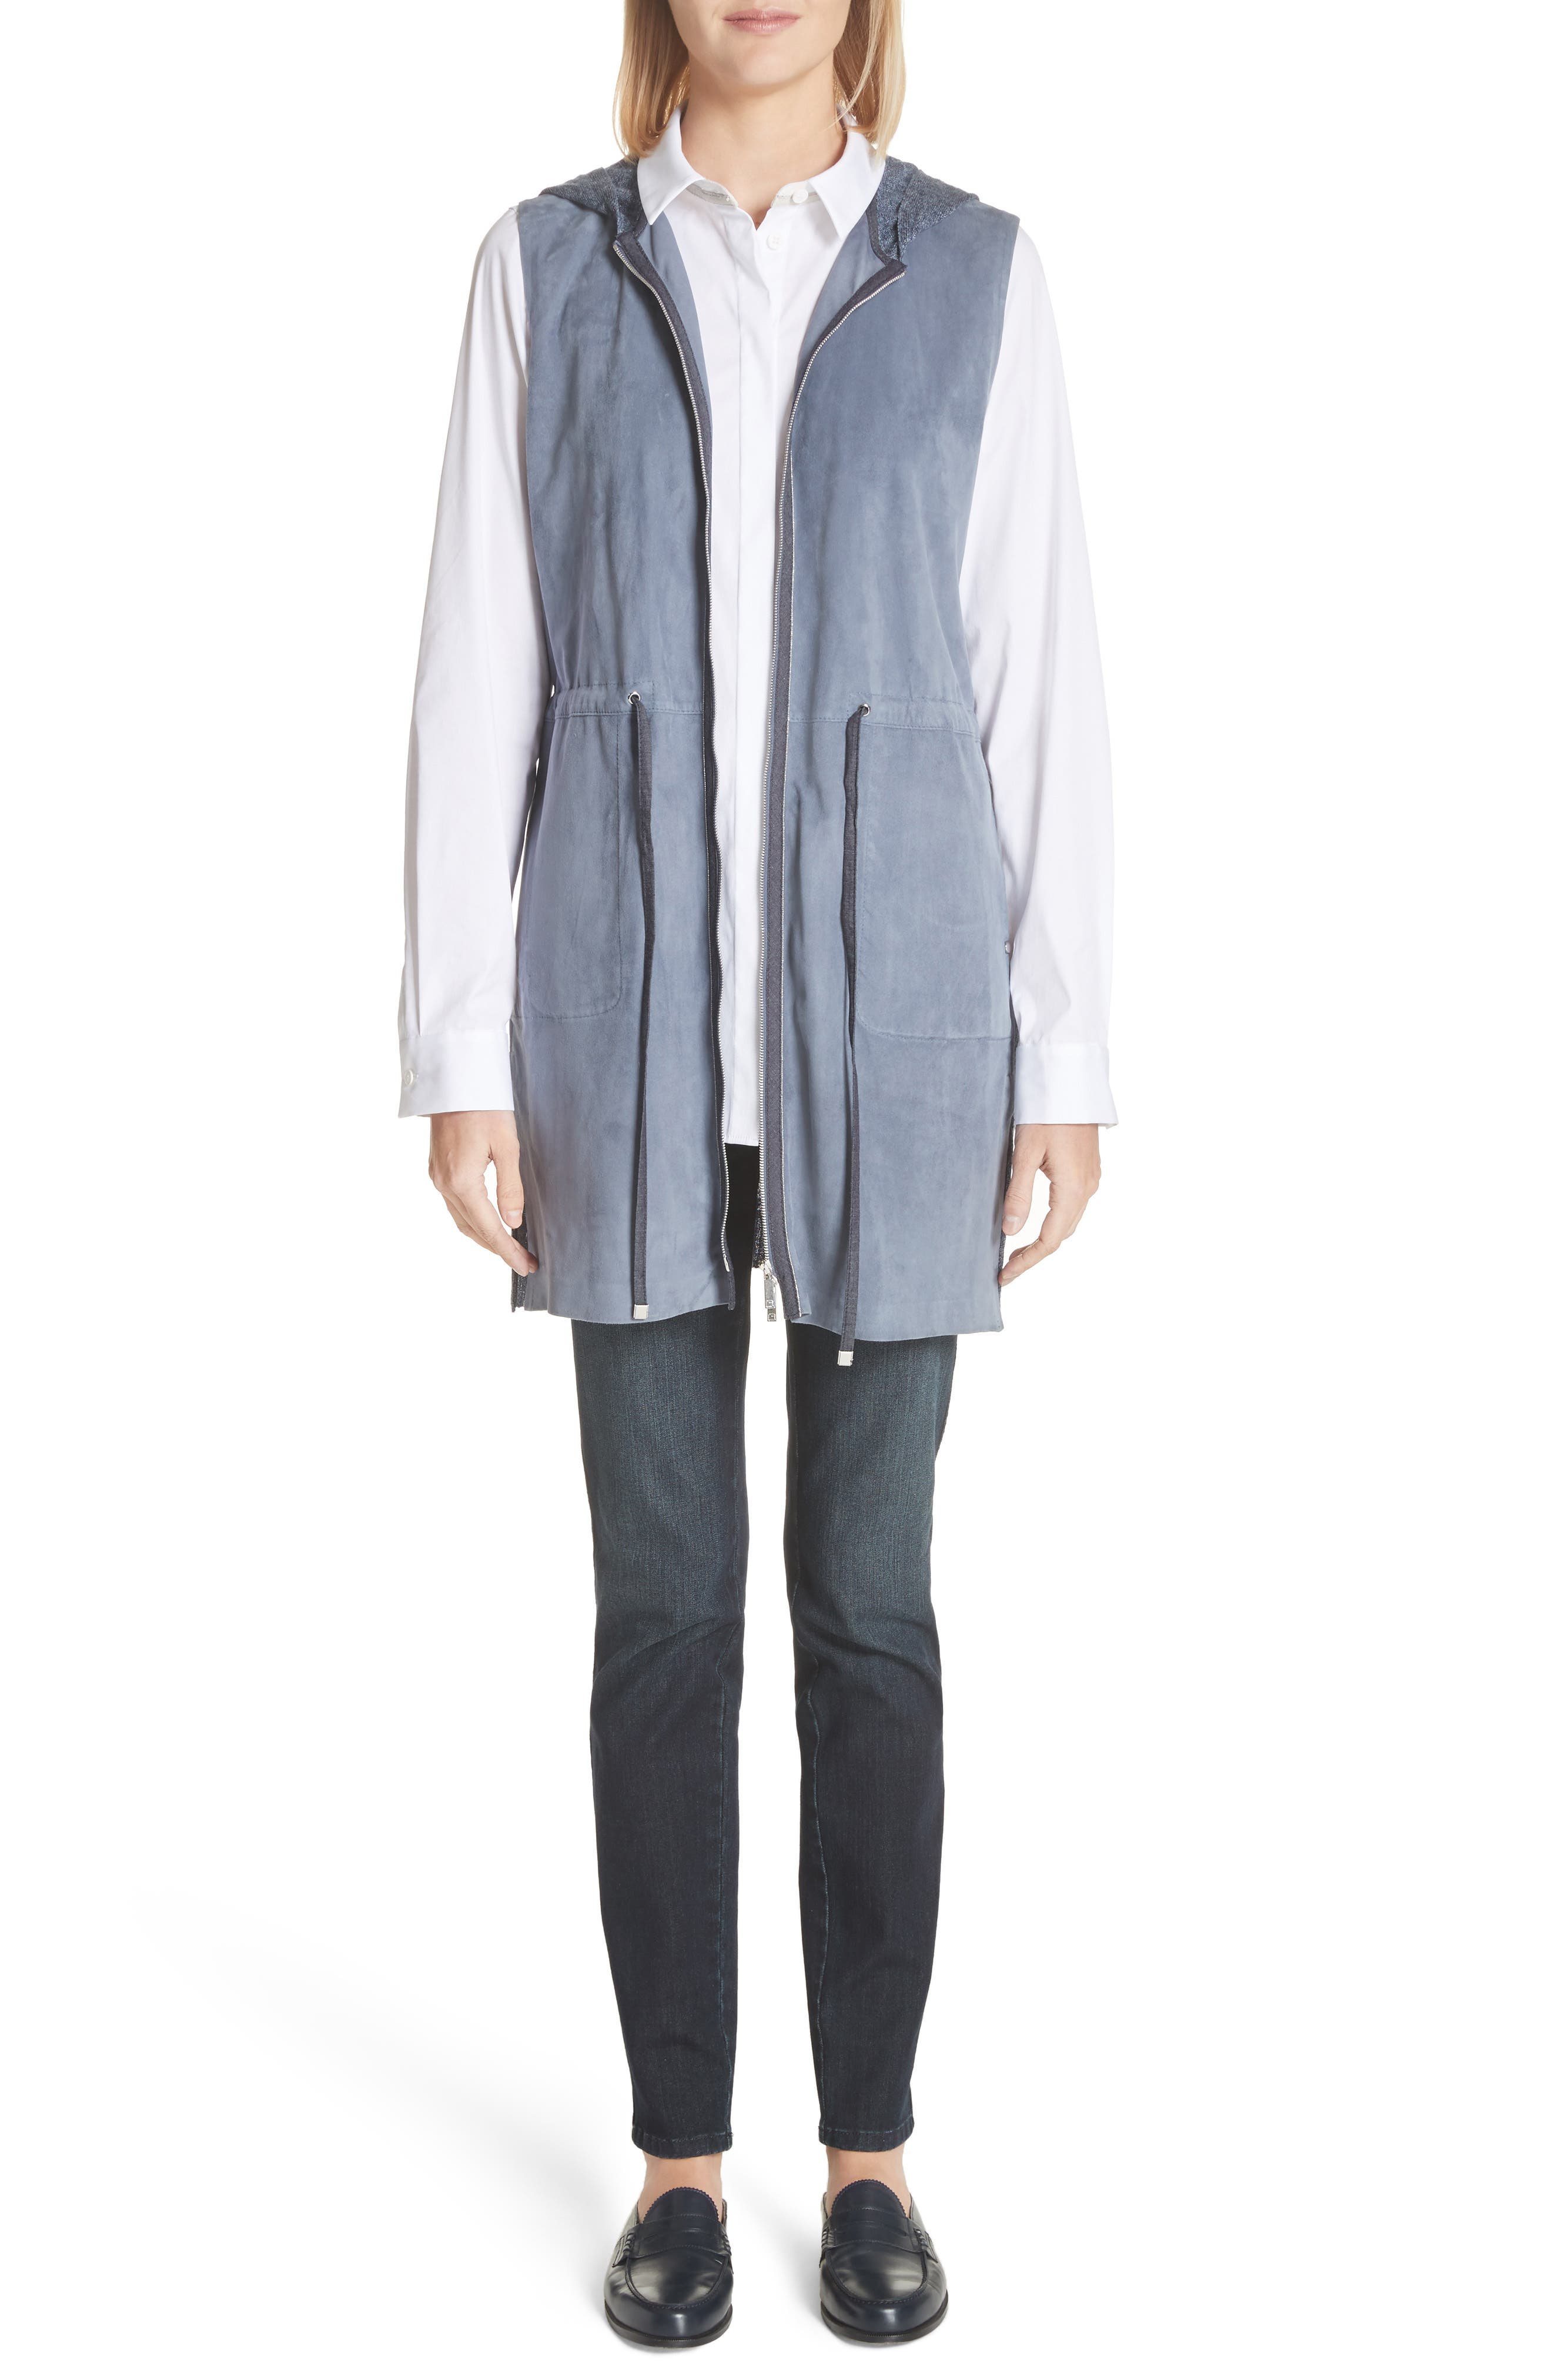 Mercer Skinny Jeans,                             Alternate thumbnail 13, color,                             Indigo